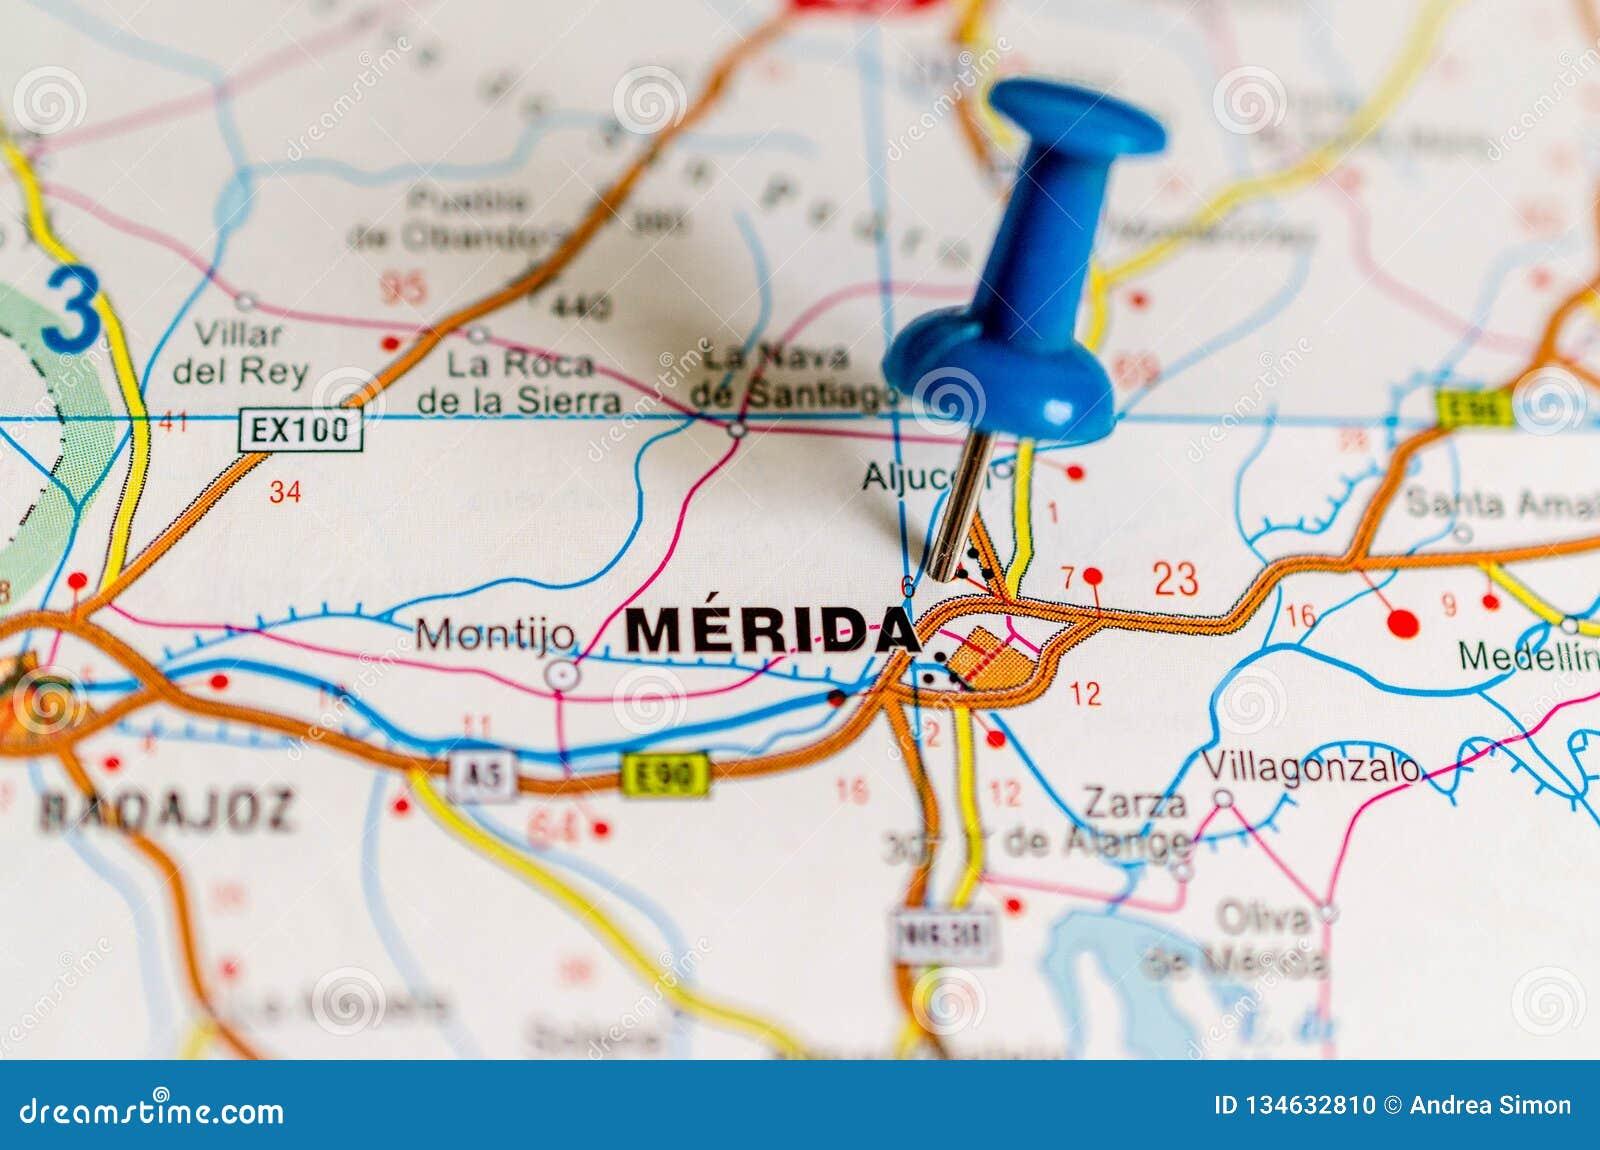 Merida On Map Stock Photo Image Of Extremadura Coast 134632810